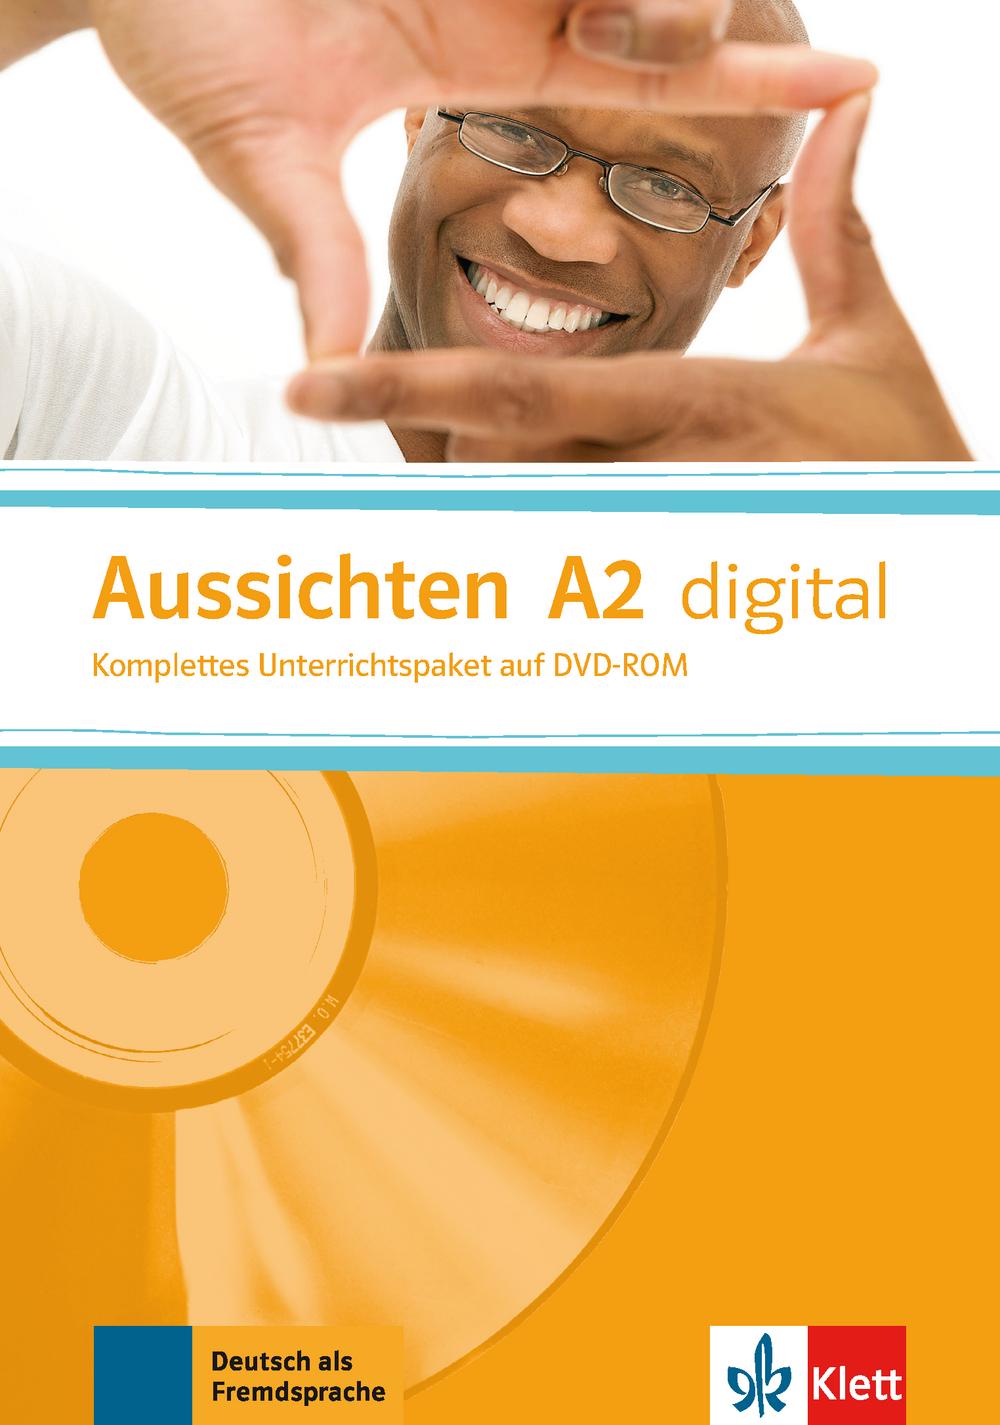 Aussichten A2 digital